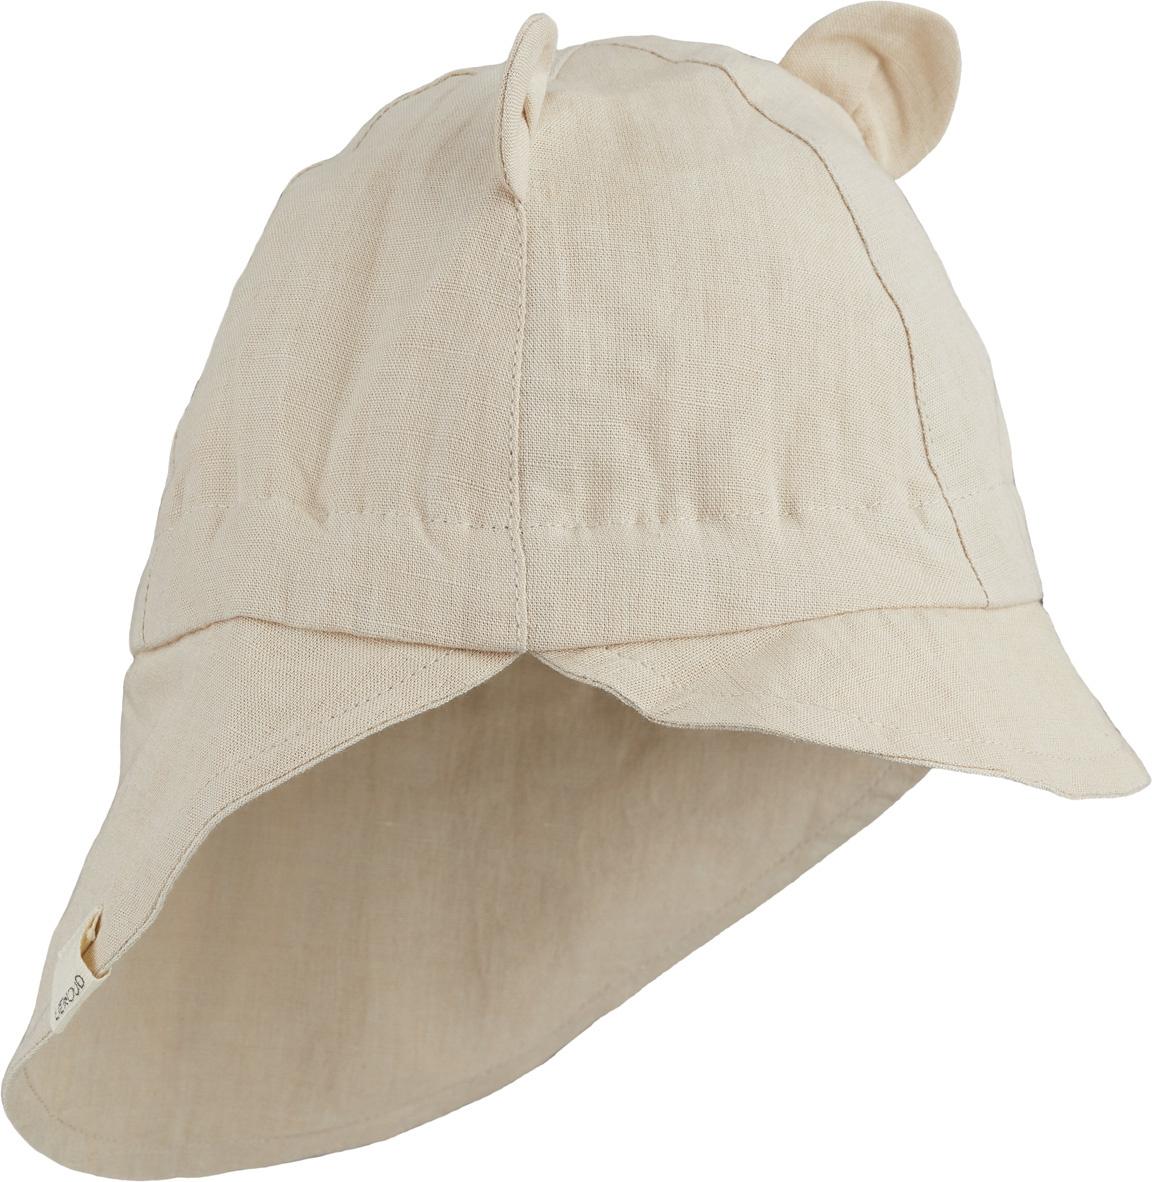 Eric sun hat - Sandy-3